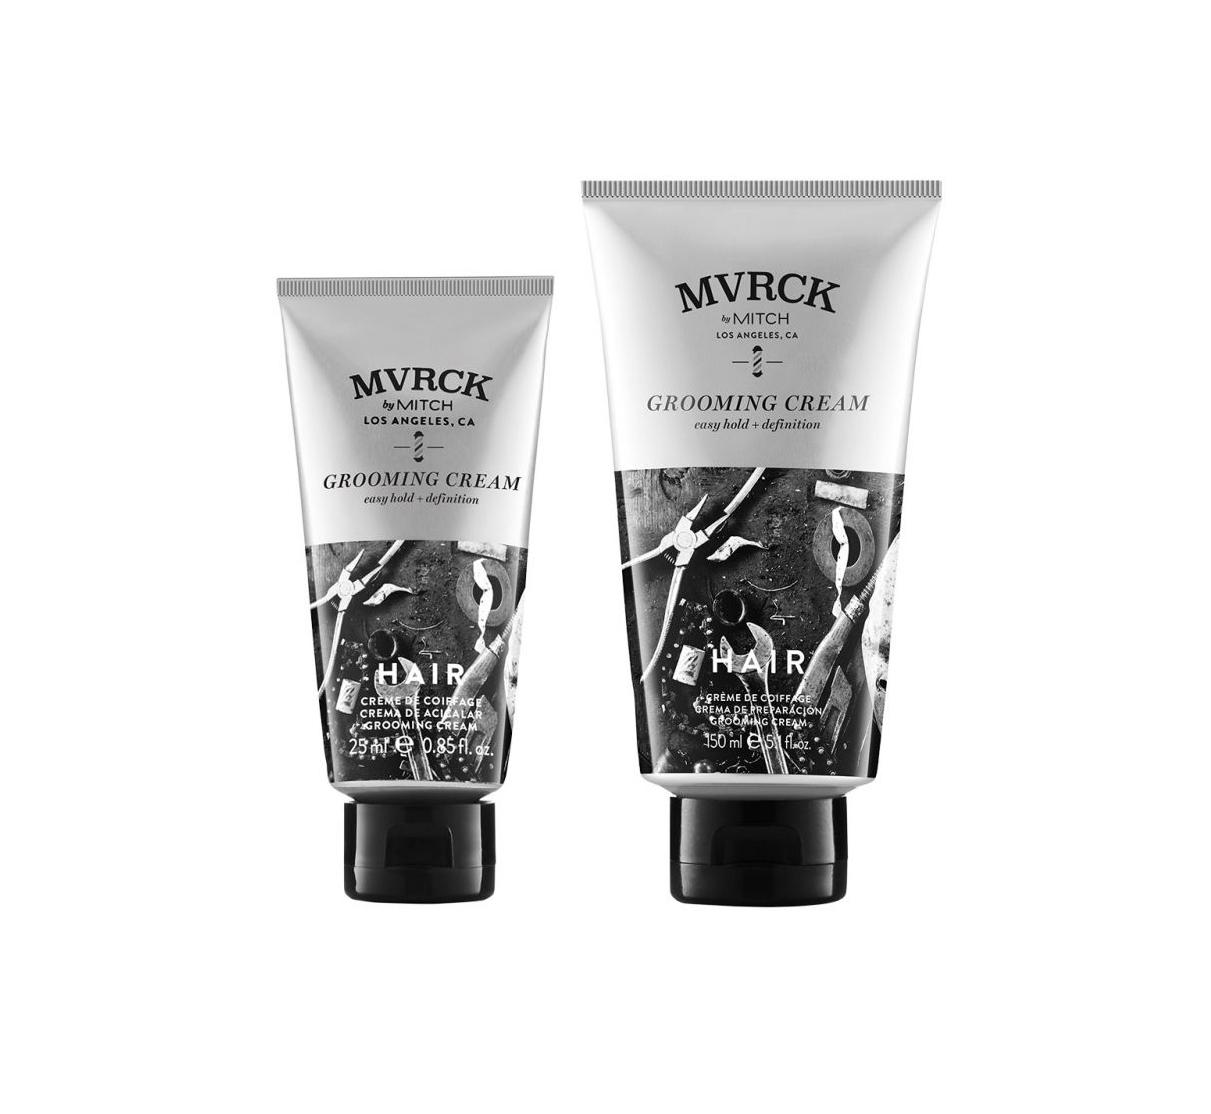 Paul Mitchell MVRCK Grooming Cream - stylingový krém na vlasy se slabou fixací